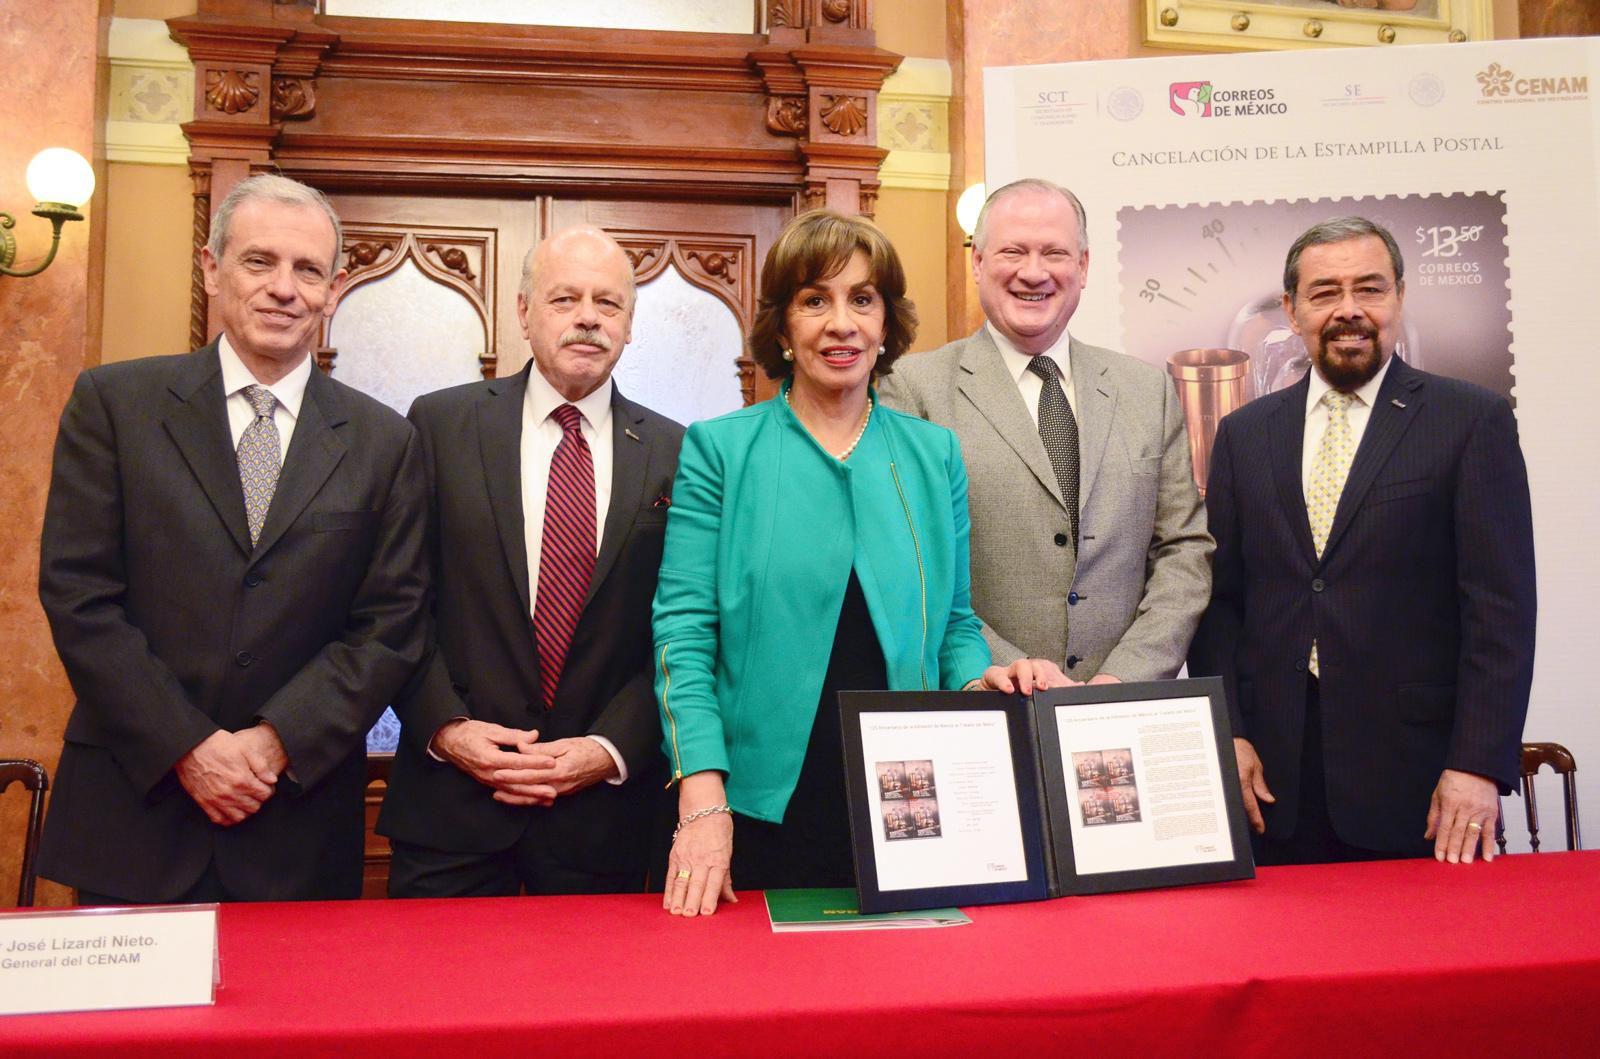 Cancela Rocío Ruiz la estampilla postal por el 125 Aniversario de la Adhesión de México al Tratado del Metro